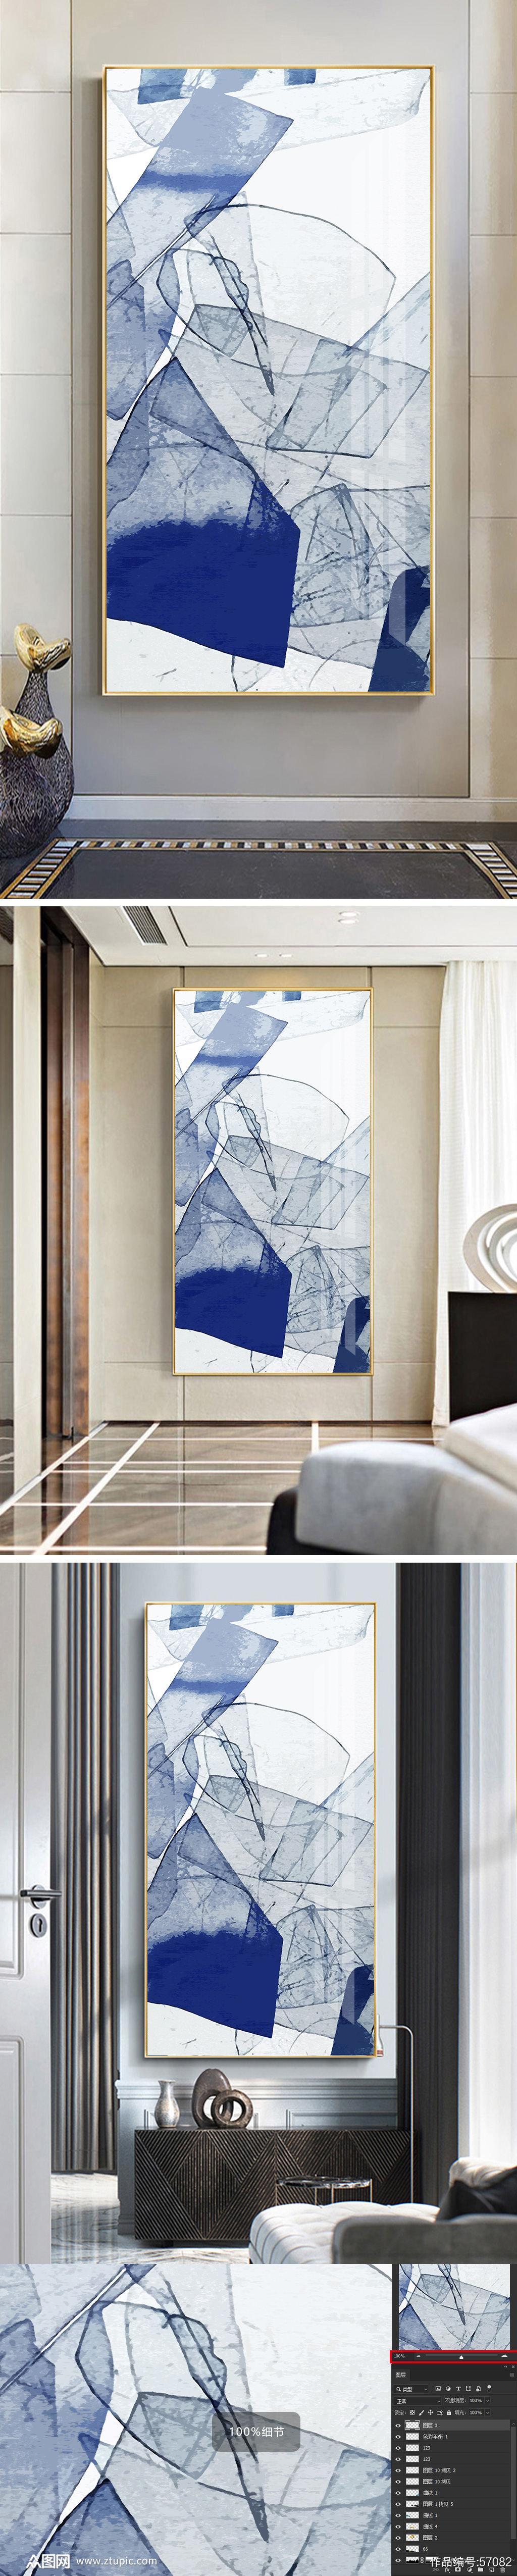 北欧抽象斑驳线条装饰画素材